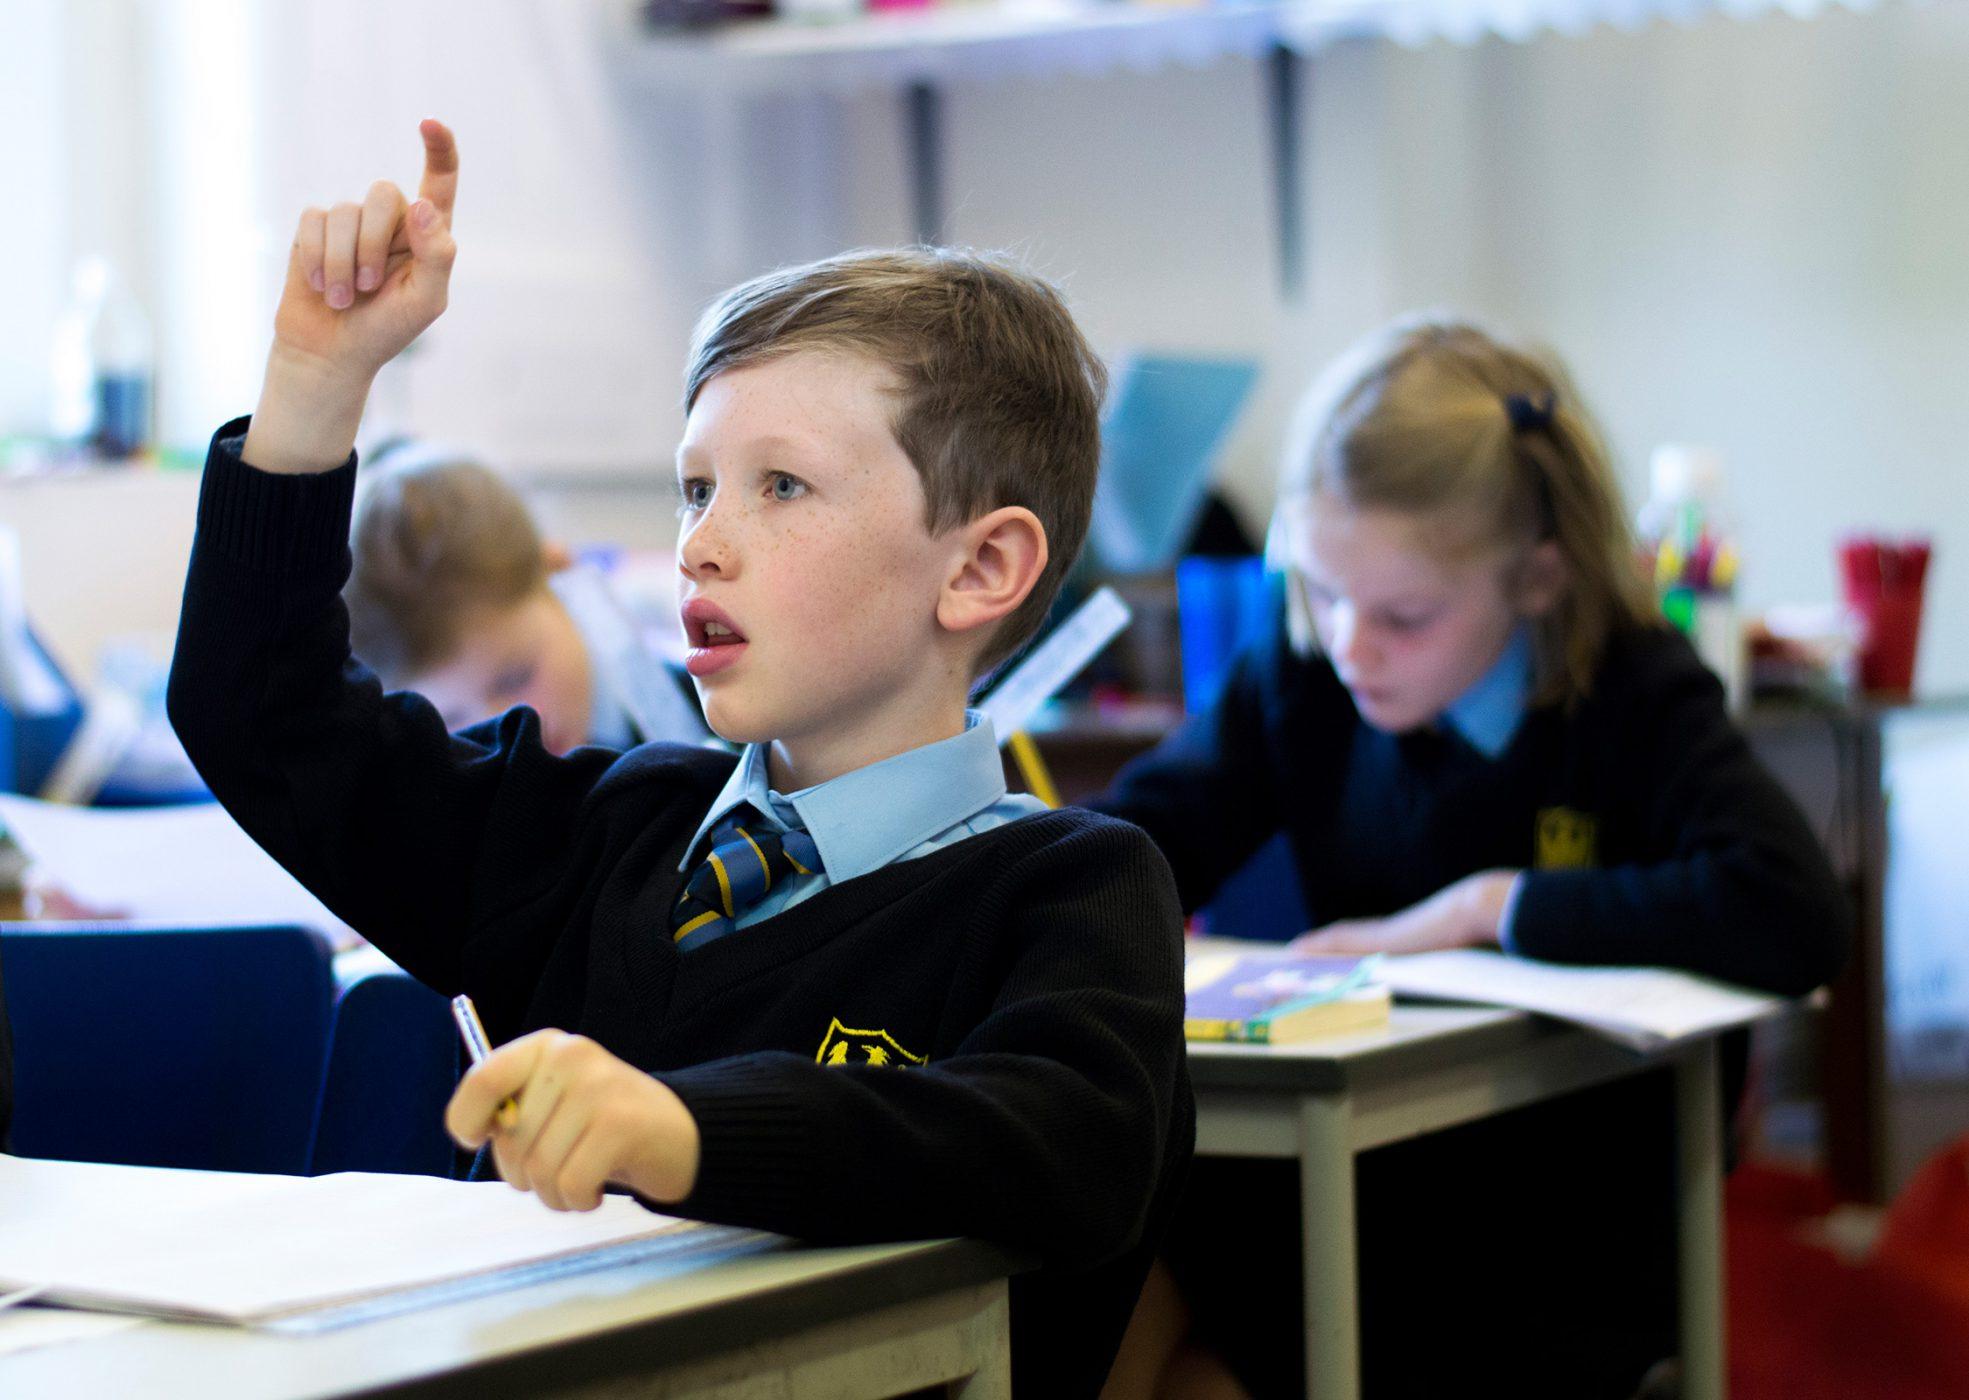 fosse-school-kid-boy